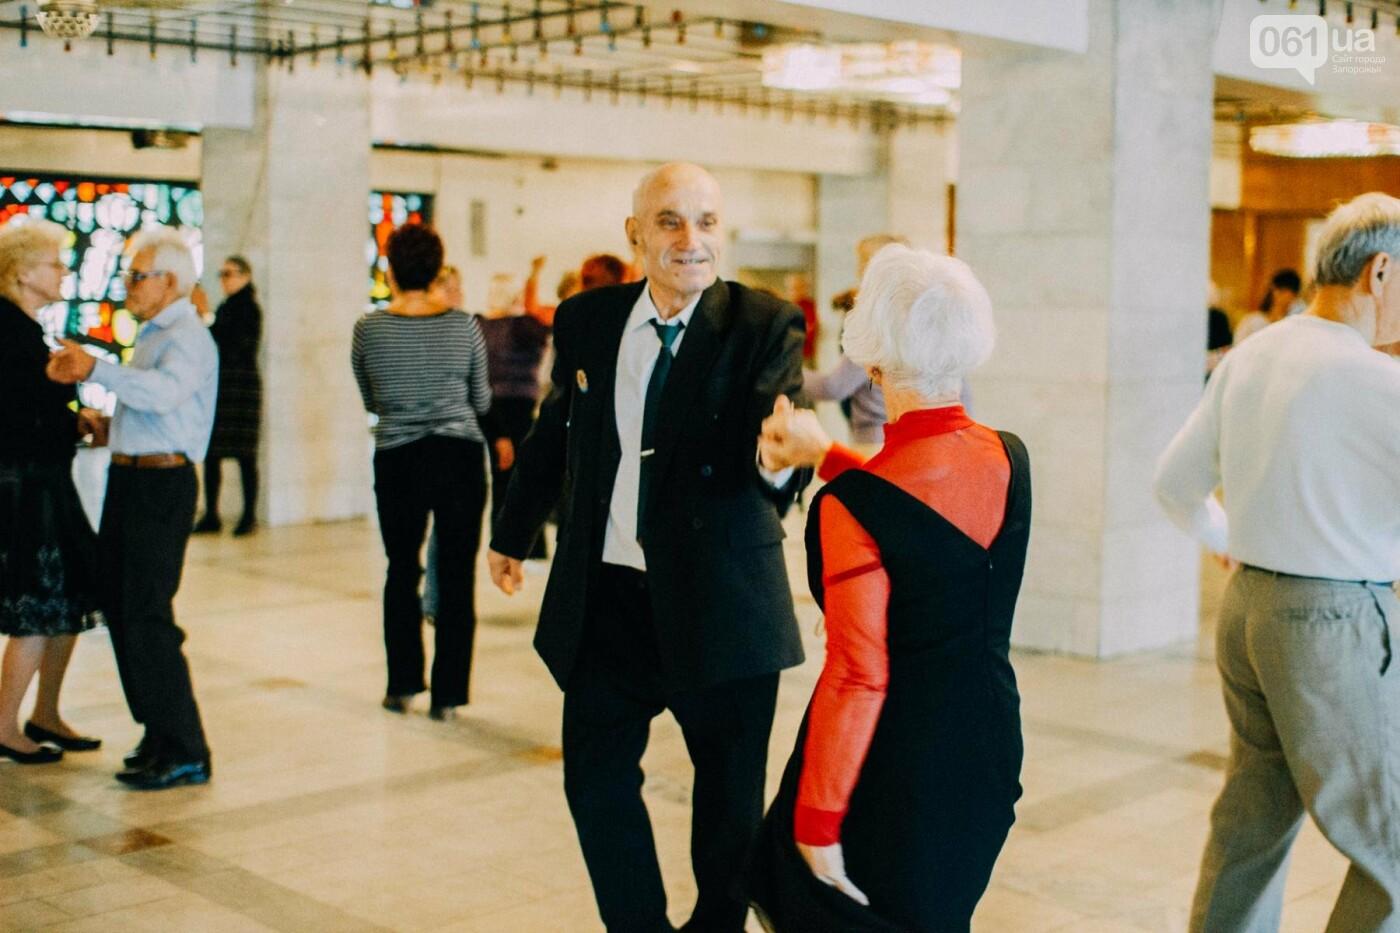 """""""Я ей сказал - до 90 лет будем танцевать!"""": как влюбленные запорожцы нашли друг друга благодаря танцам , фото-1"""